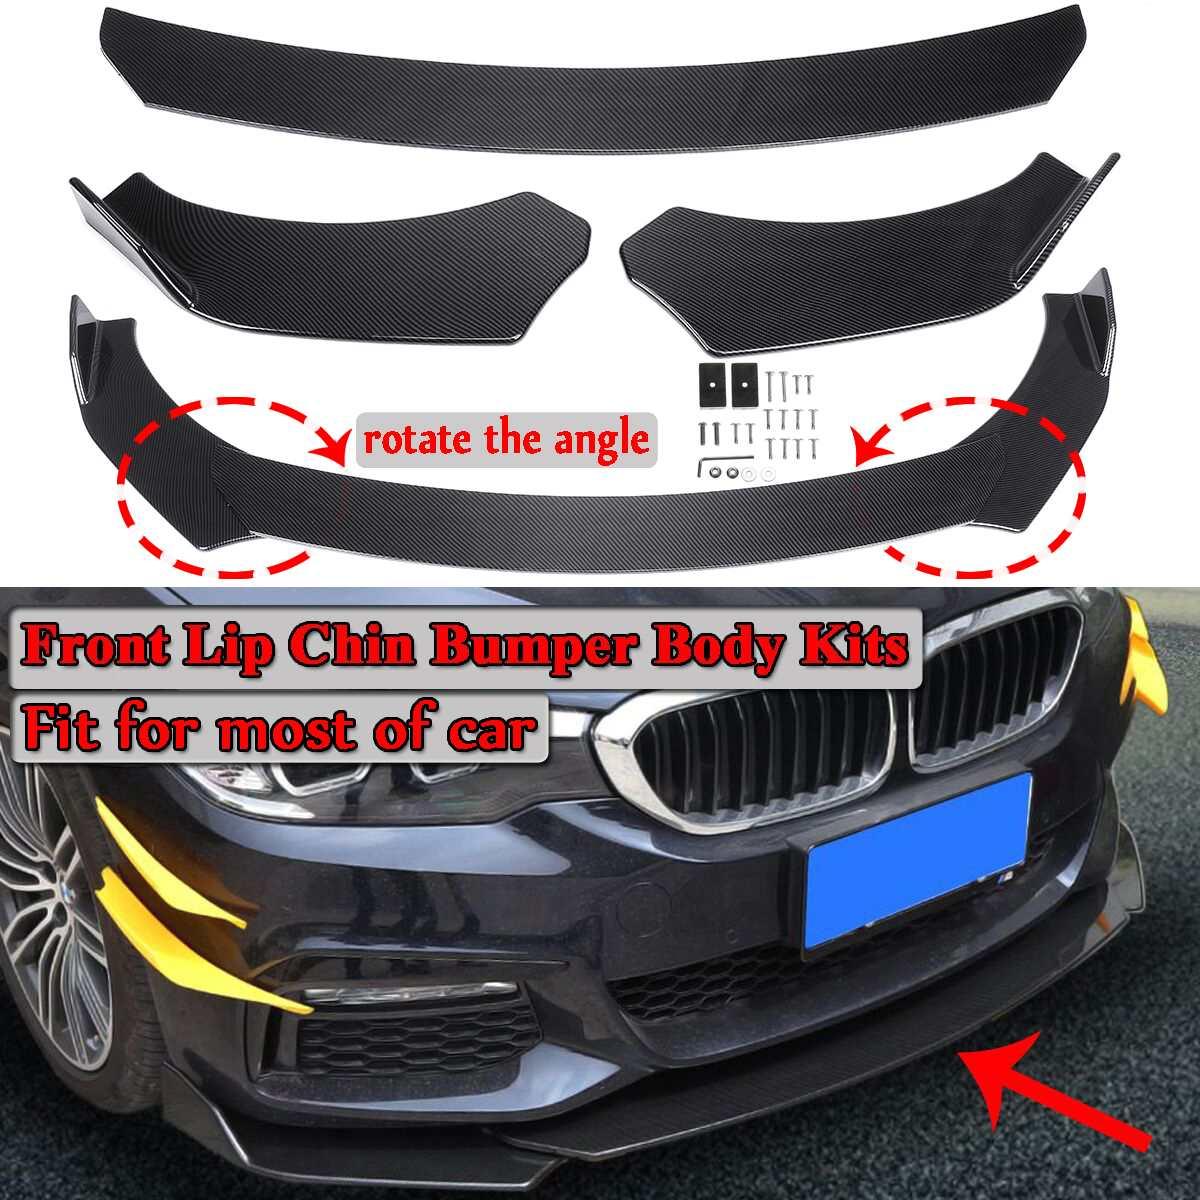 Fibre de carbone Look/noir 3 pièce universel voiture pare-chocs avant lèvre menton pare-chocs corps Kits séparateur diffuseur pour BMW pour Benz pour Audi